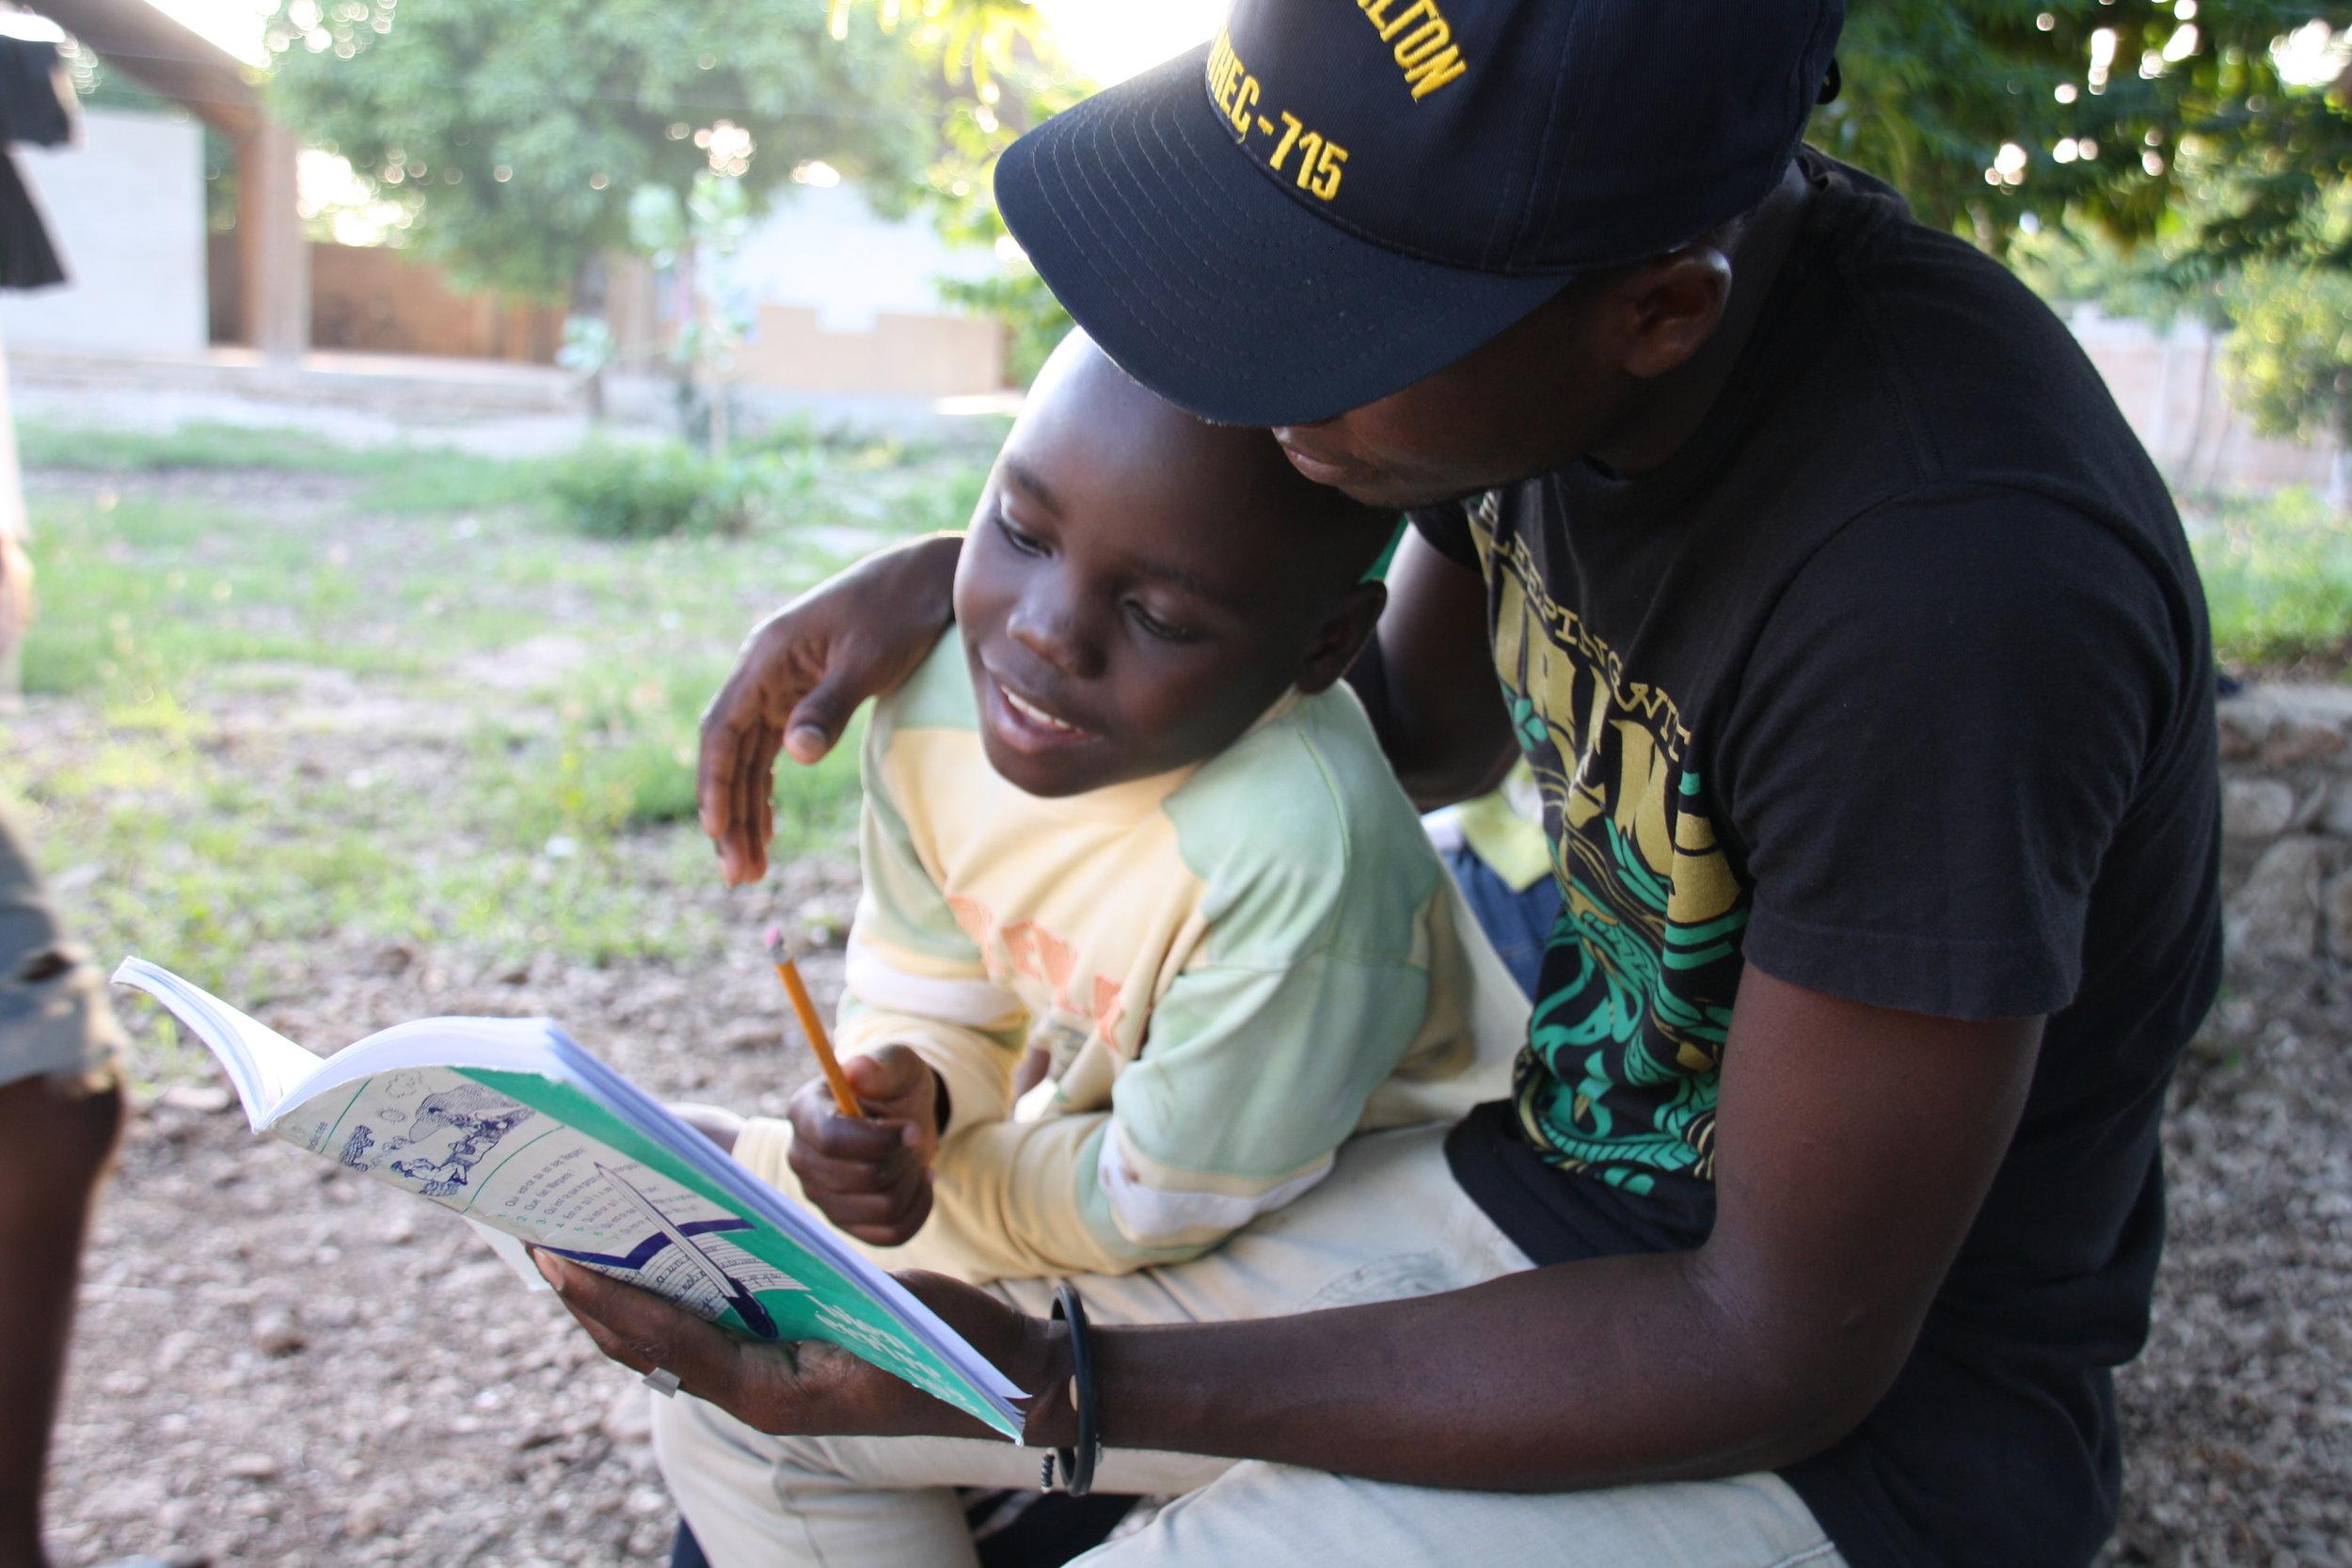 DISCIPLINA Y APOYO EXTRAESCOLAR - La principal labor de los educadores es vigilar que los niños respetan los horarios, cumplen con las normas y no se faltan el respeto entre ellos. Además, los educadores ayudan a los más pequeños con sus deberes y juntos repasan lo aprendido en el día.